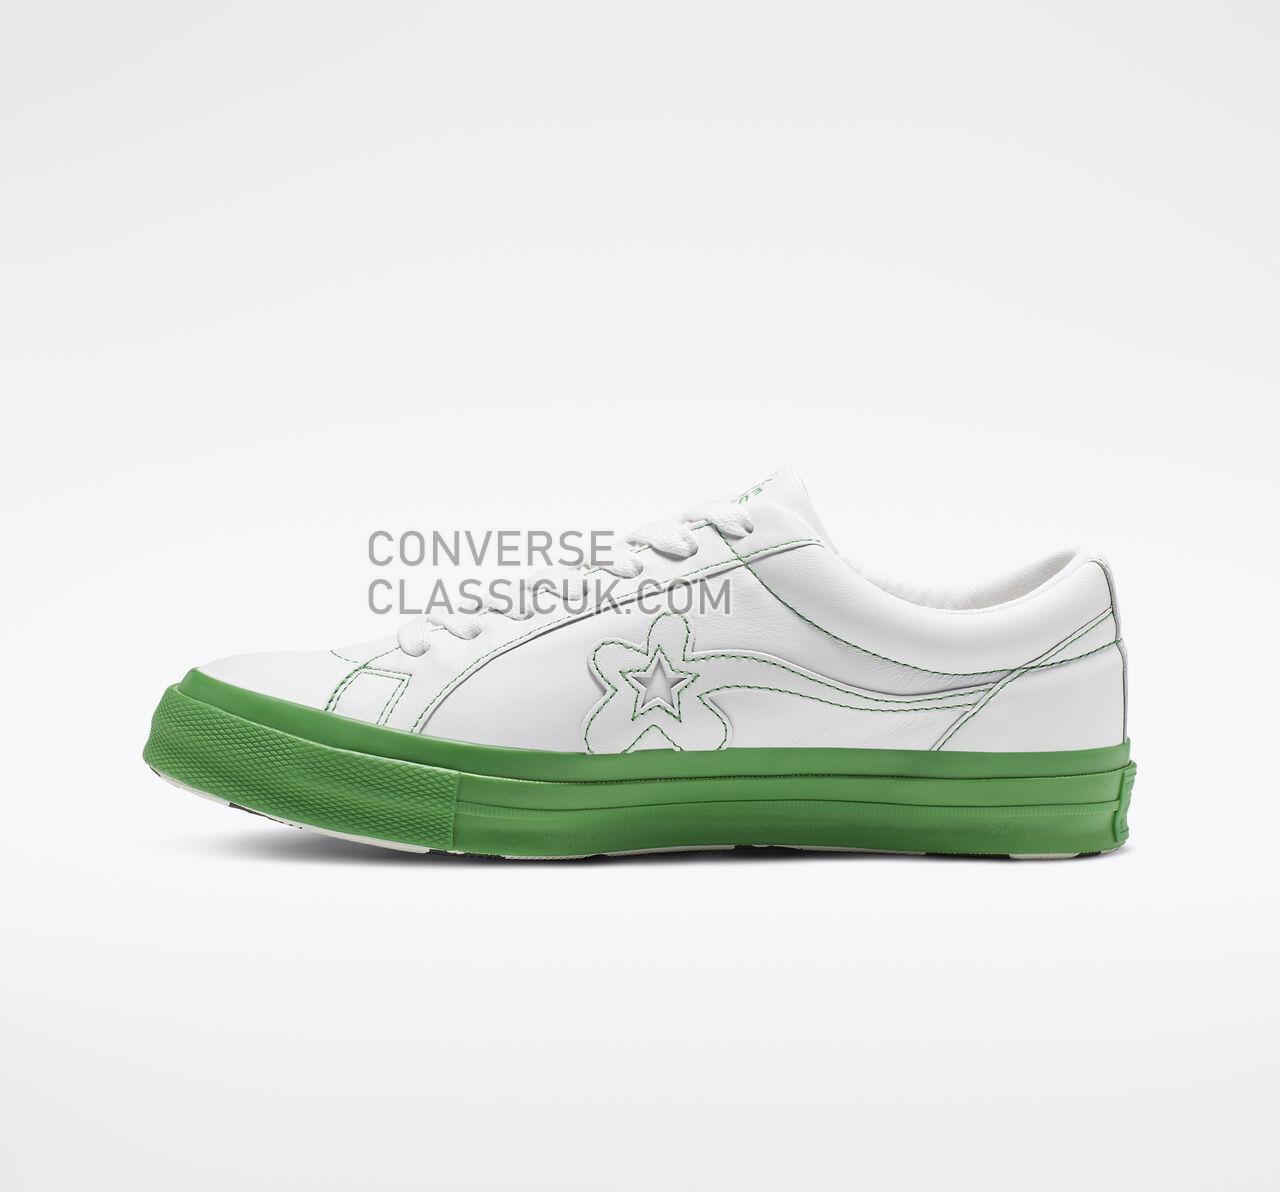 Converse x GOLF le FLEUR Colorblock One Star Low Top Mens Womens Unisex 164025C White/Antique White Shoes